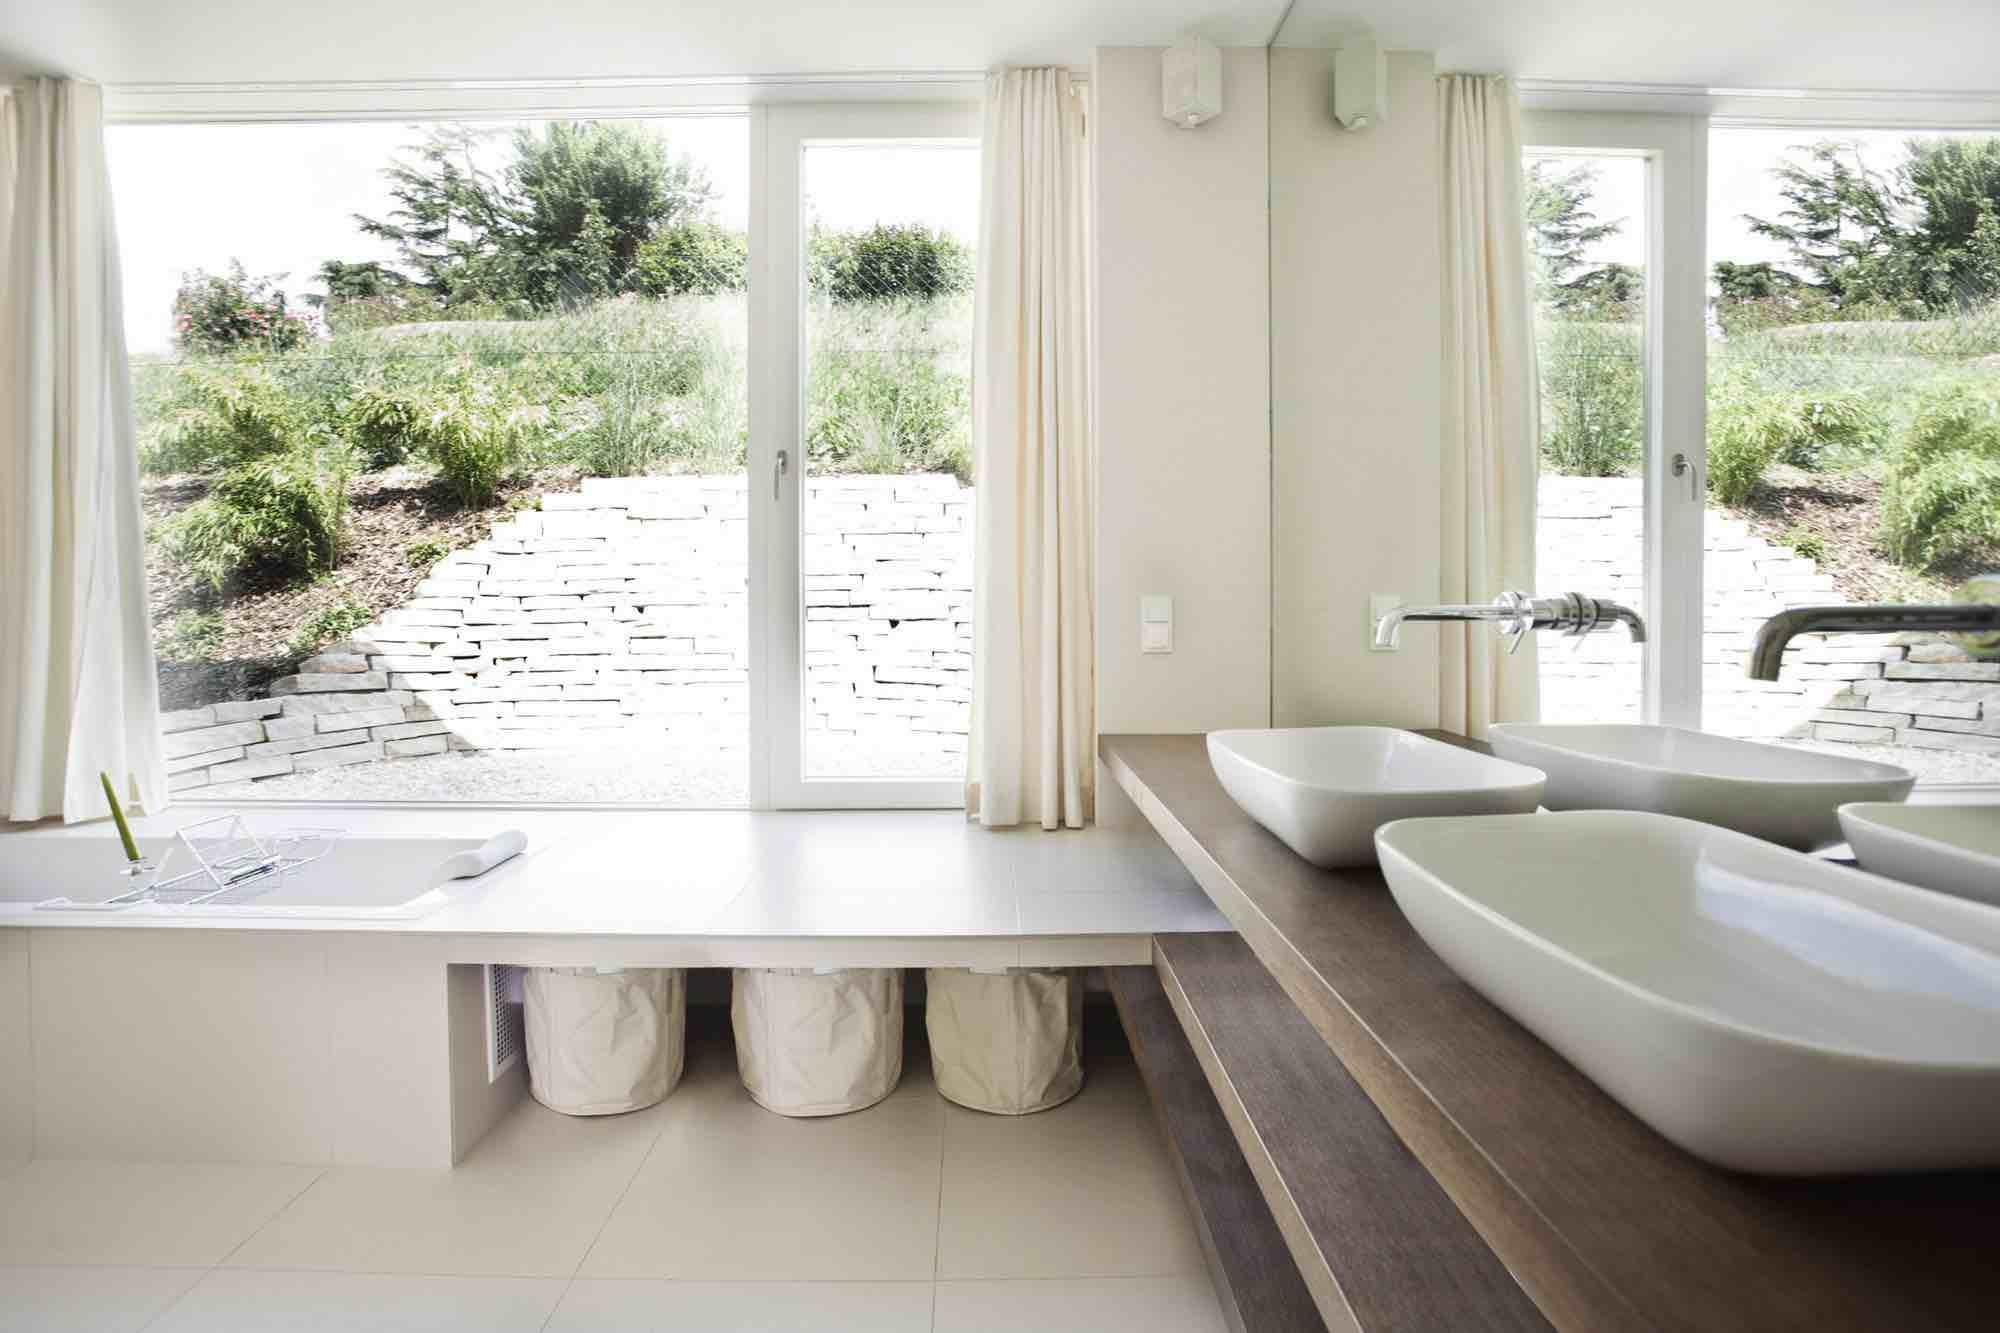 villa-p-love-architecture-and-urbanism_final_1651